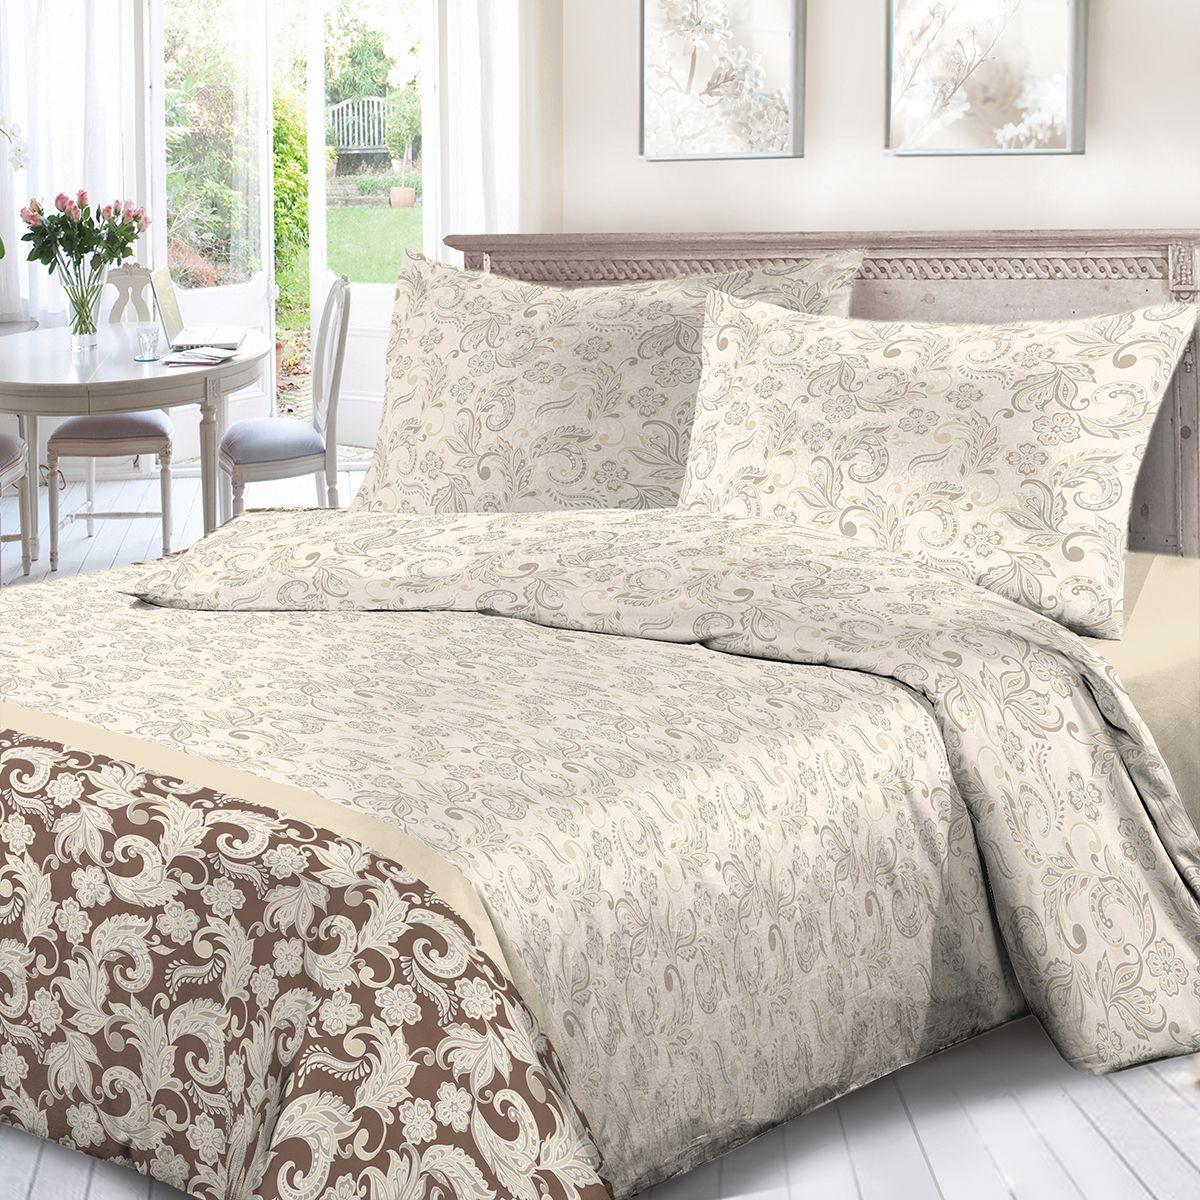 Комплект белья Сорренто Лилиана, 2-х спальное, наволочки 70x70, цвет: светло-бежевый. 4122-190422